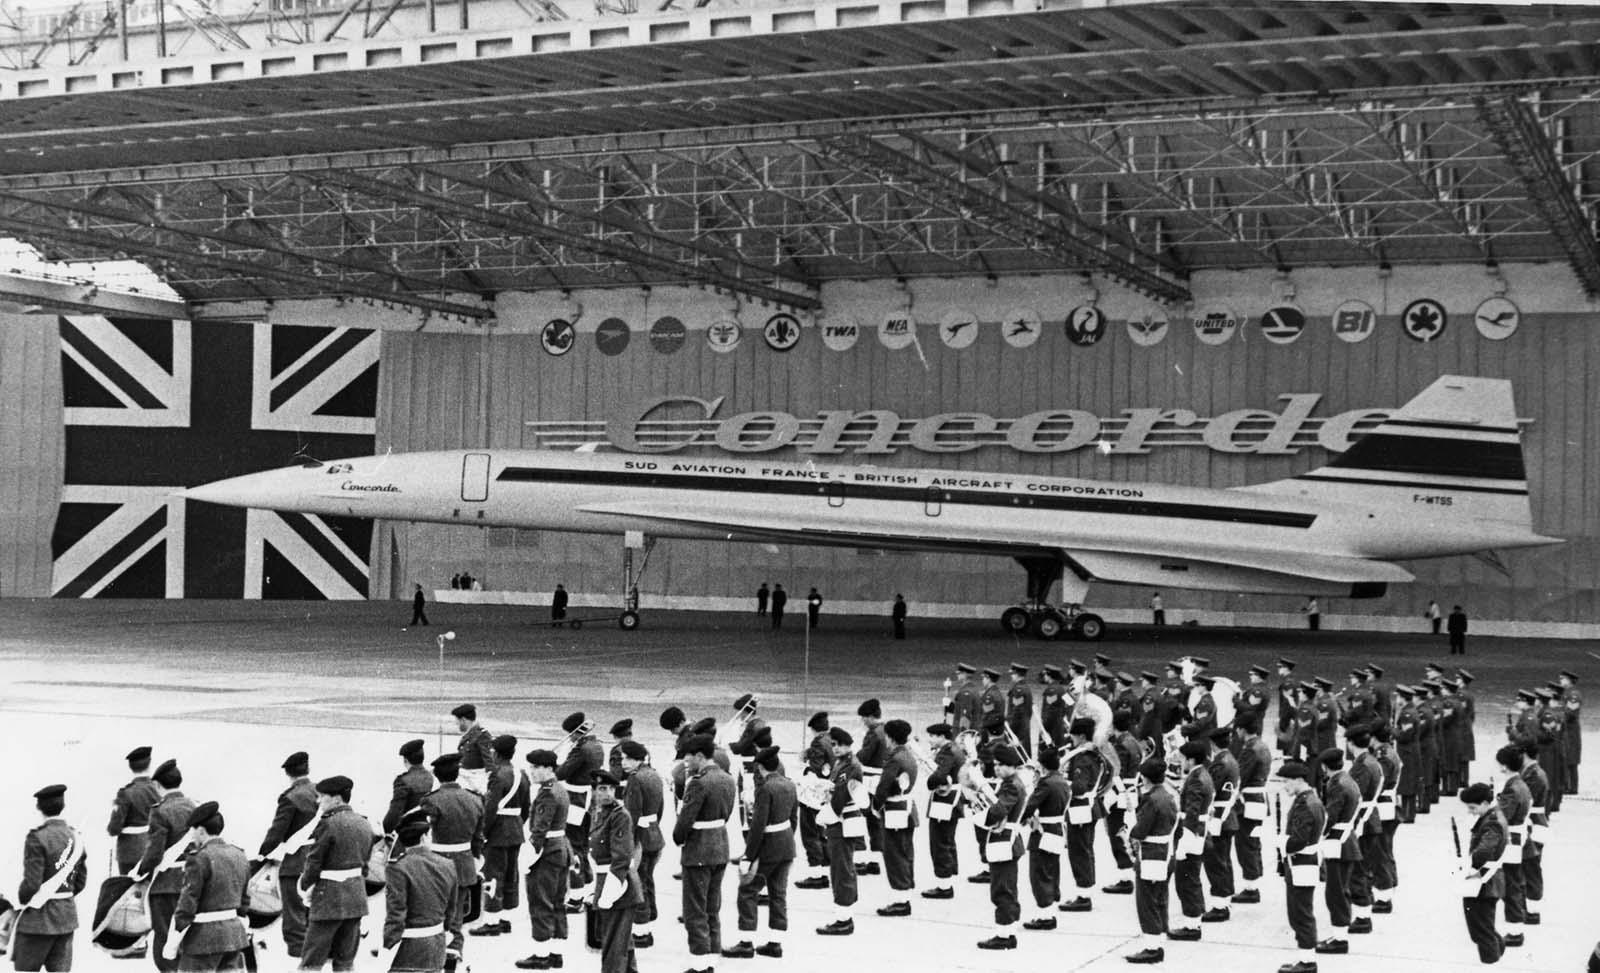 1967-ben a Concorde-ot először mutatták be a nagyközönségnek, Franciaországban, Toulouse-ban.